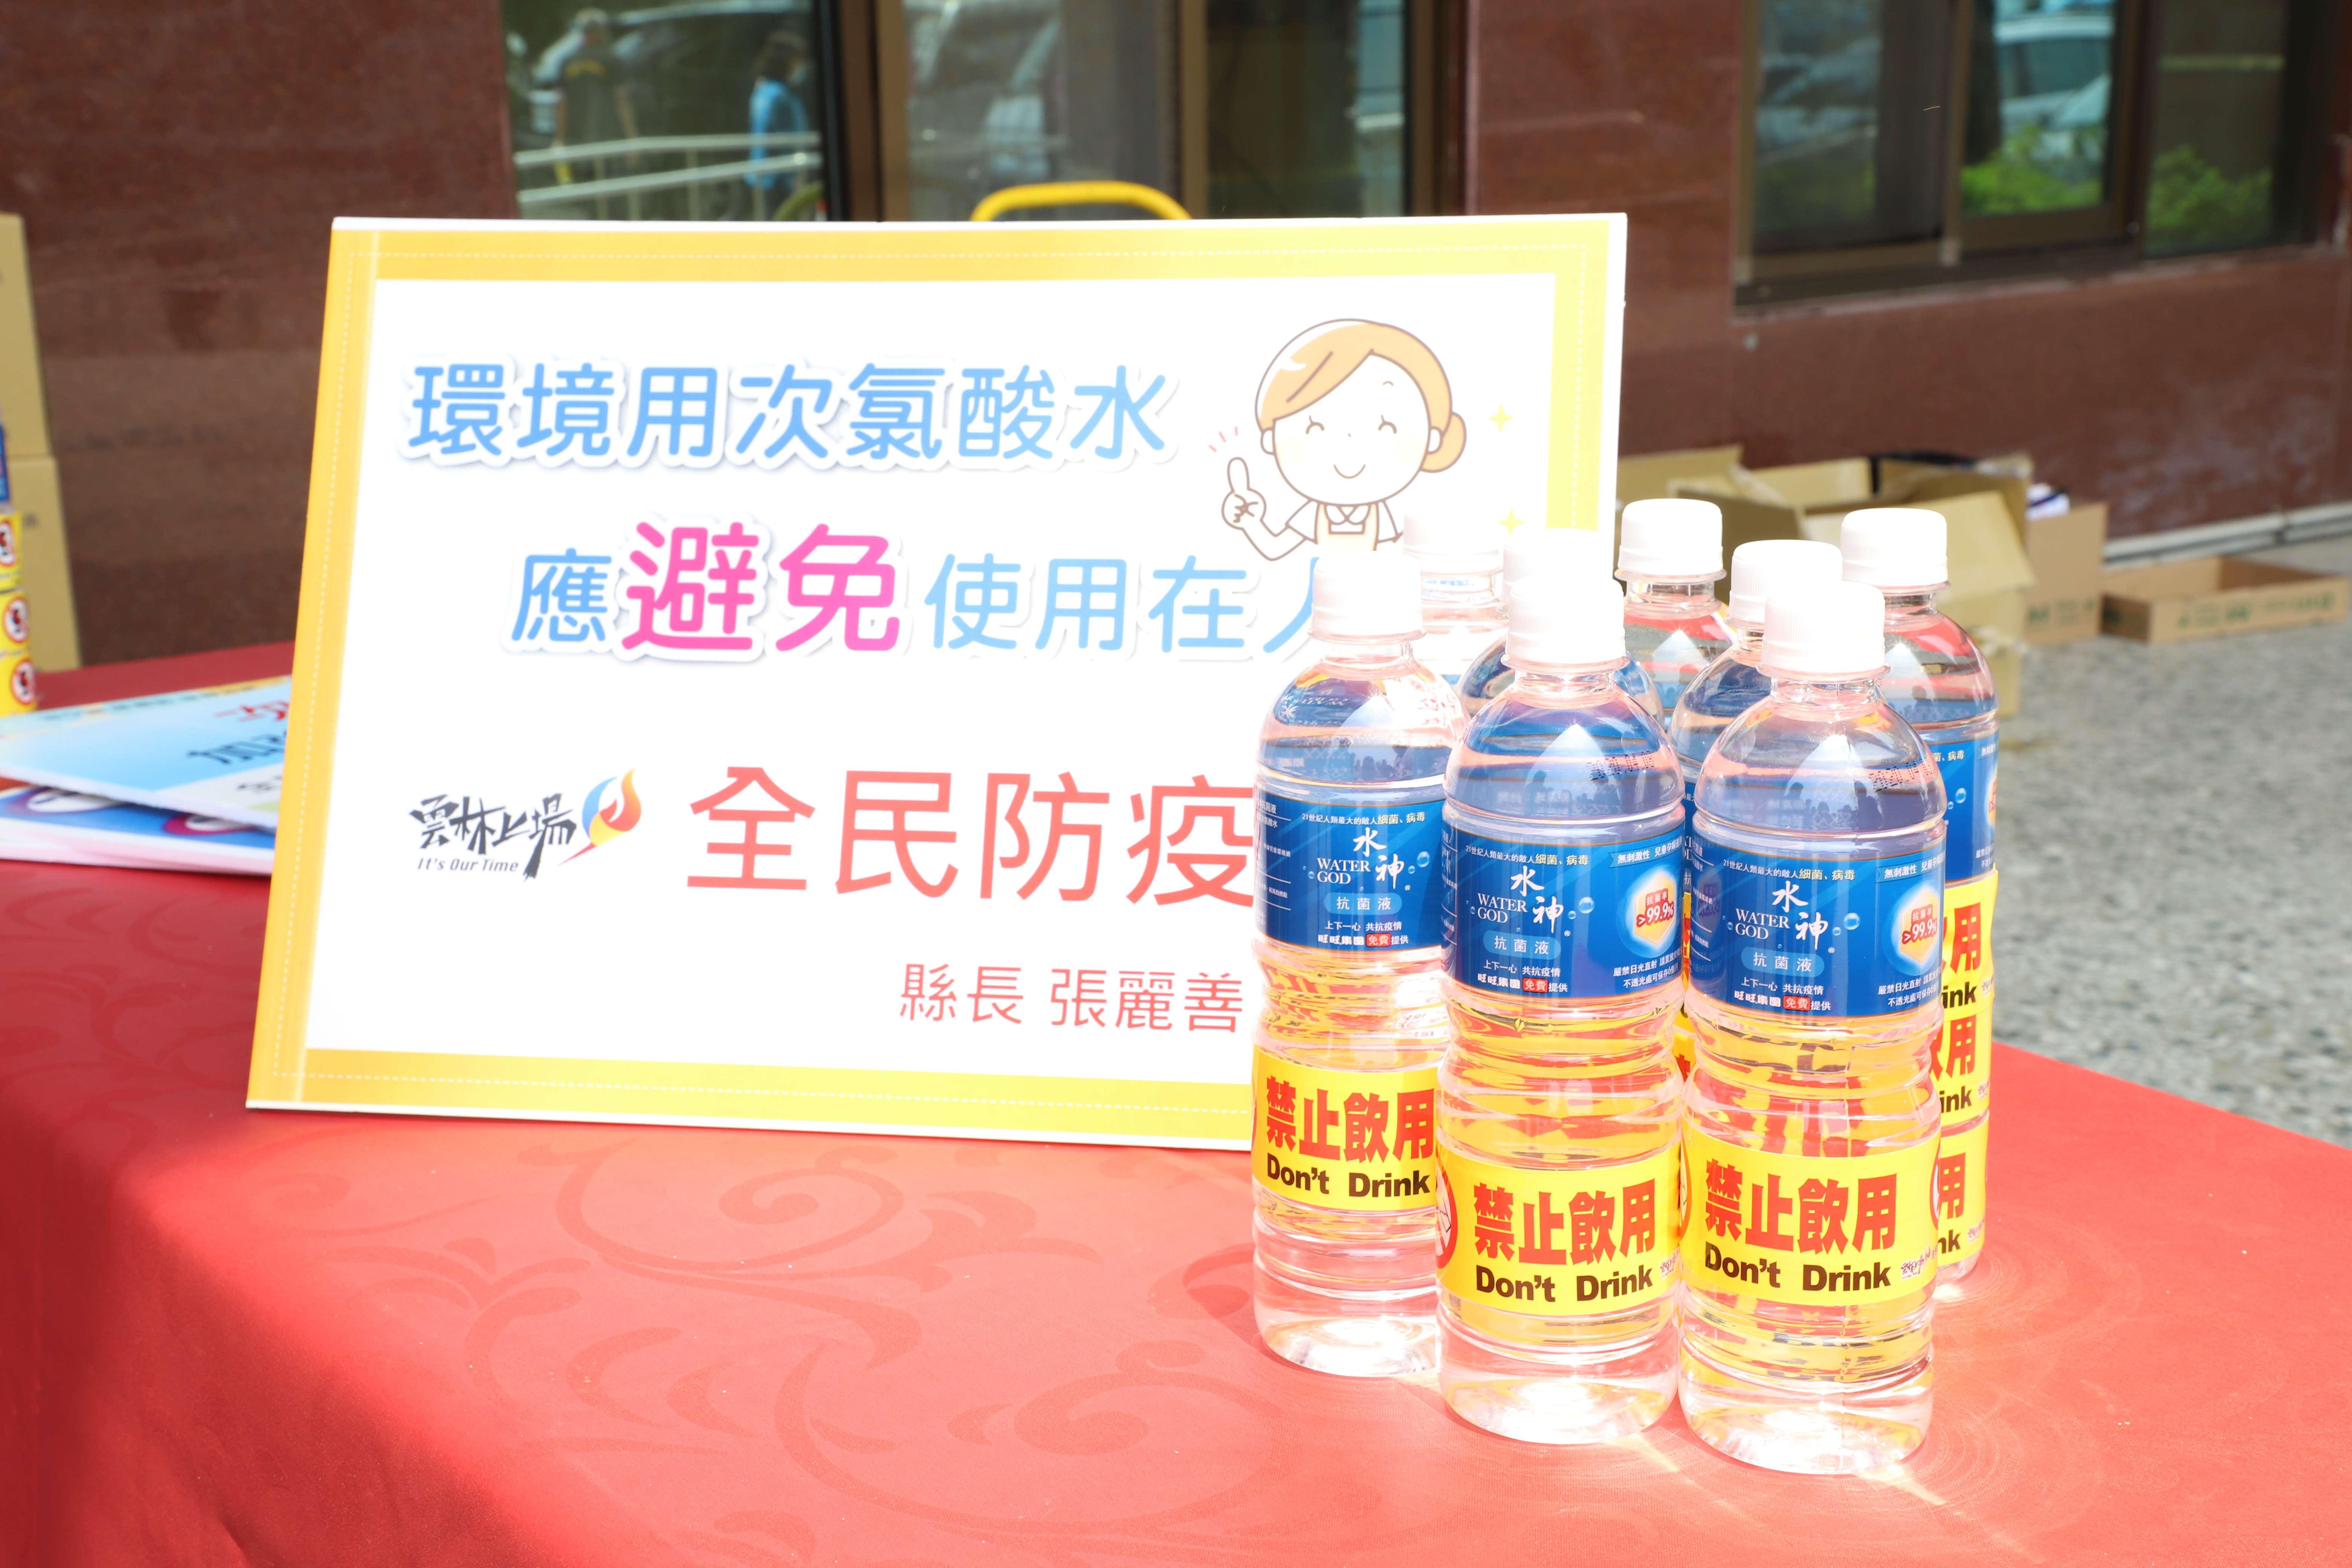 旺旺集團贈送的次氯酸抗菌液外觀很像礦泉水,縣府加貼「禁止飲用」標籤,呼籲民眾小心使用。